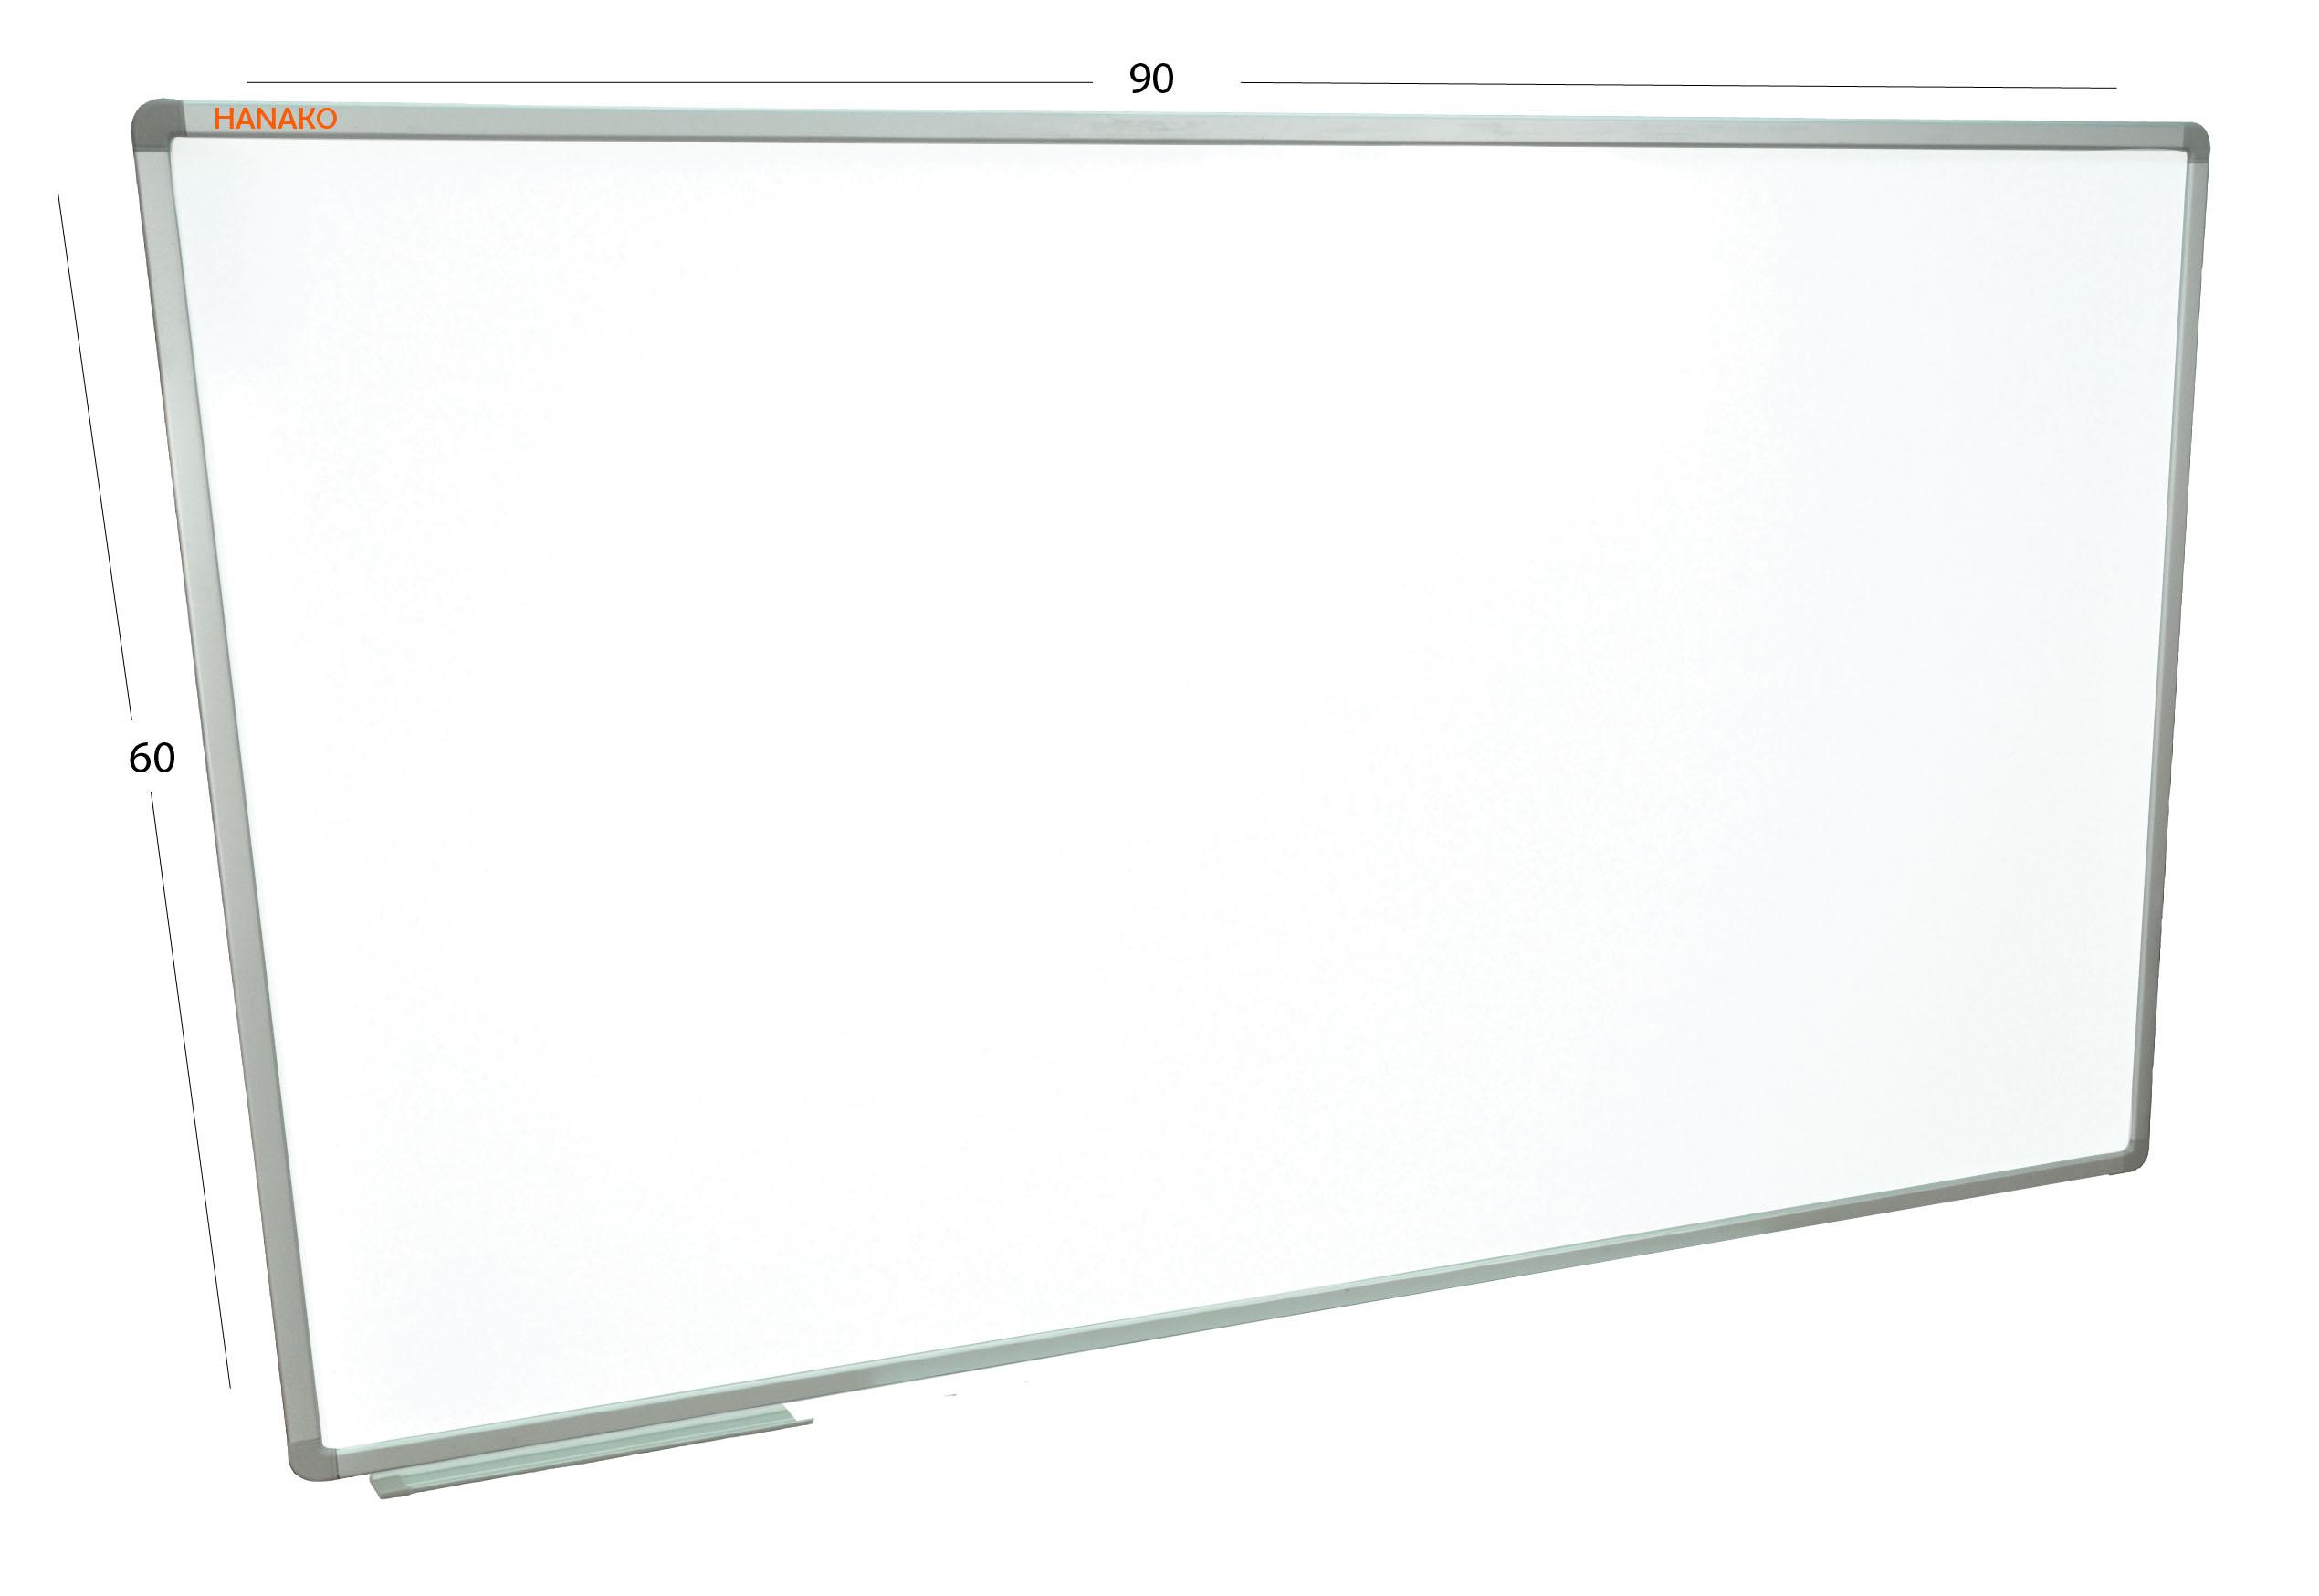 Jual Whiteboard Magnetik ukuran 60x90